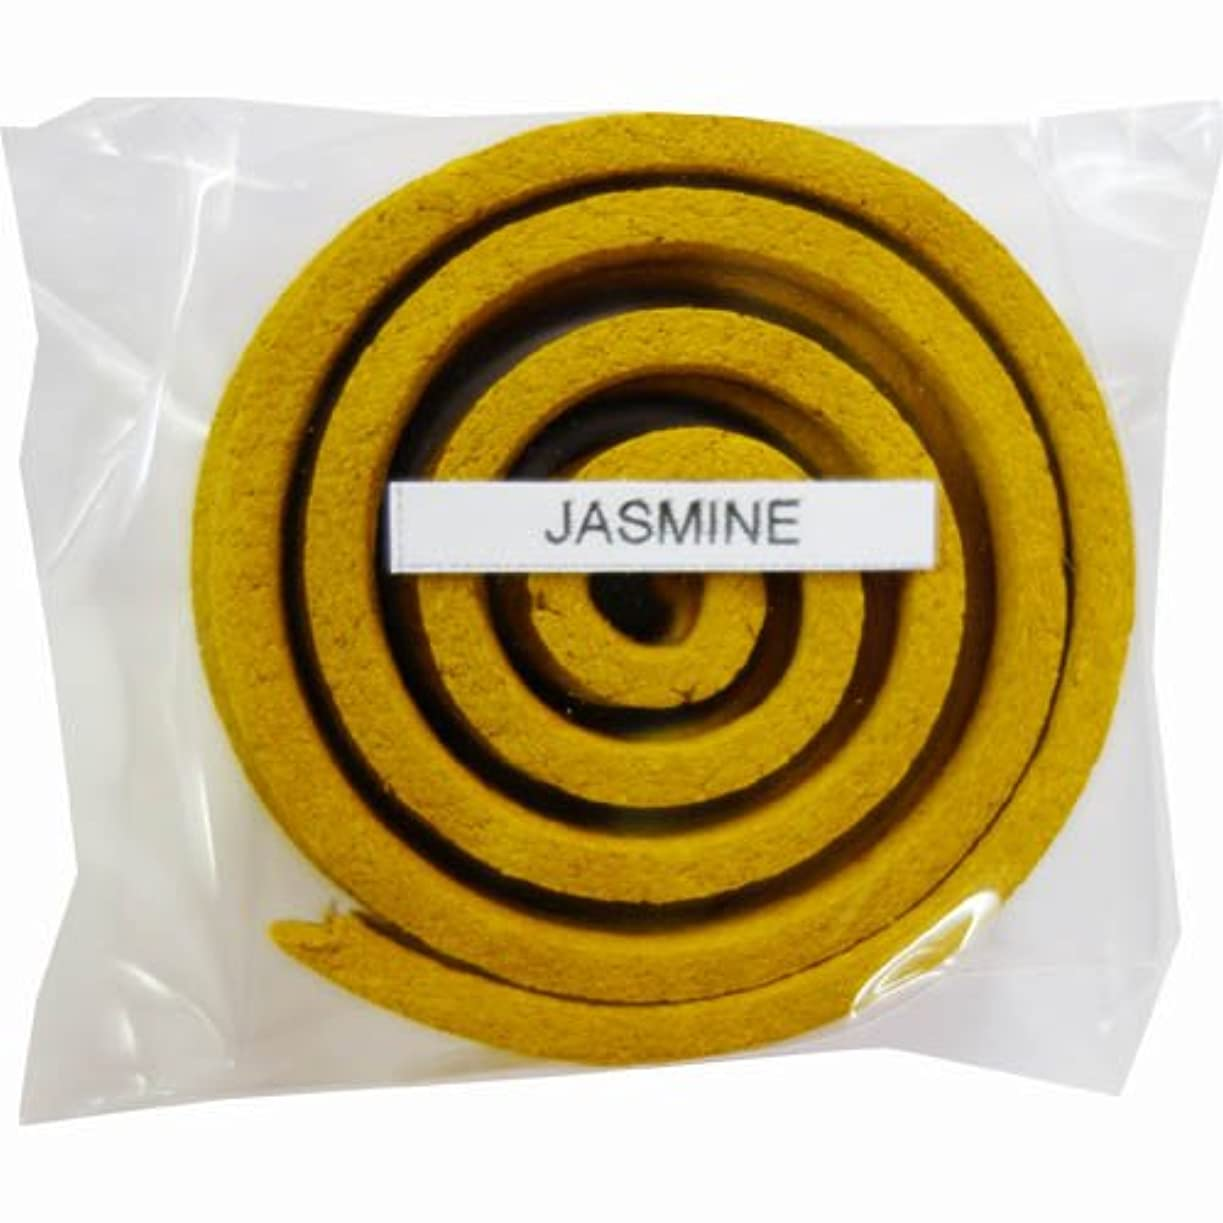 致命的樹皮有料お香/うずまき香 JASMINE ジャスミン 直径5cm×5巻セット [並行輸入品]